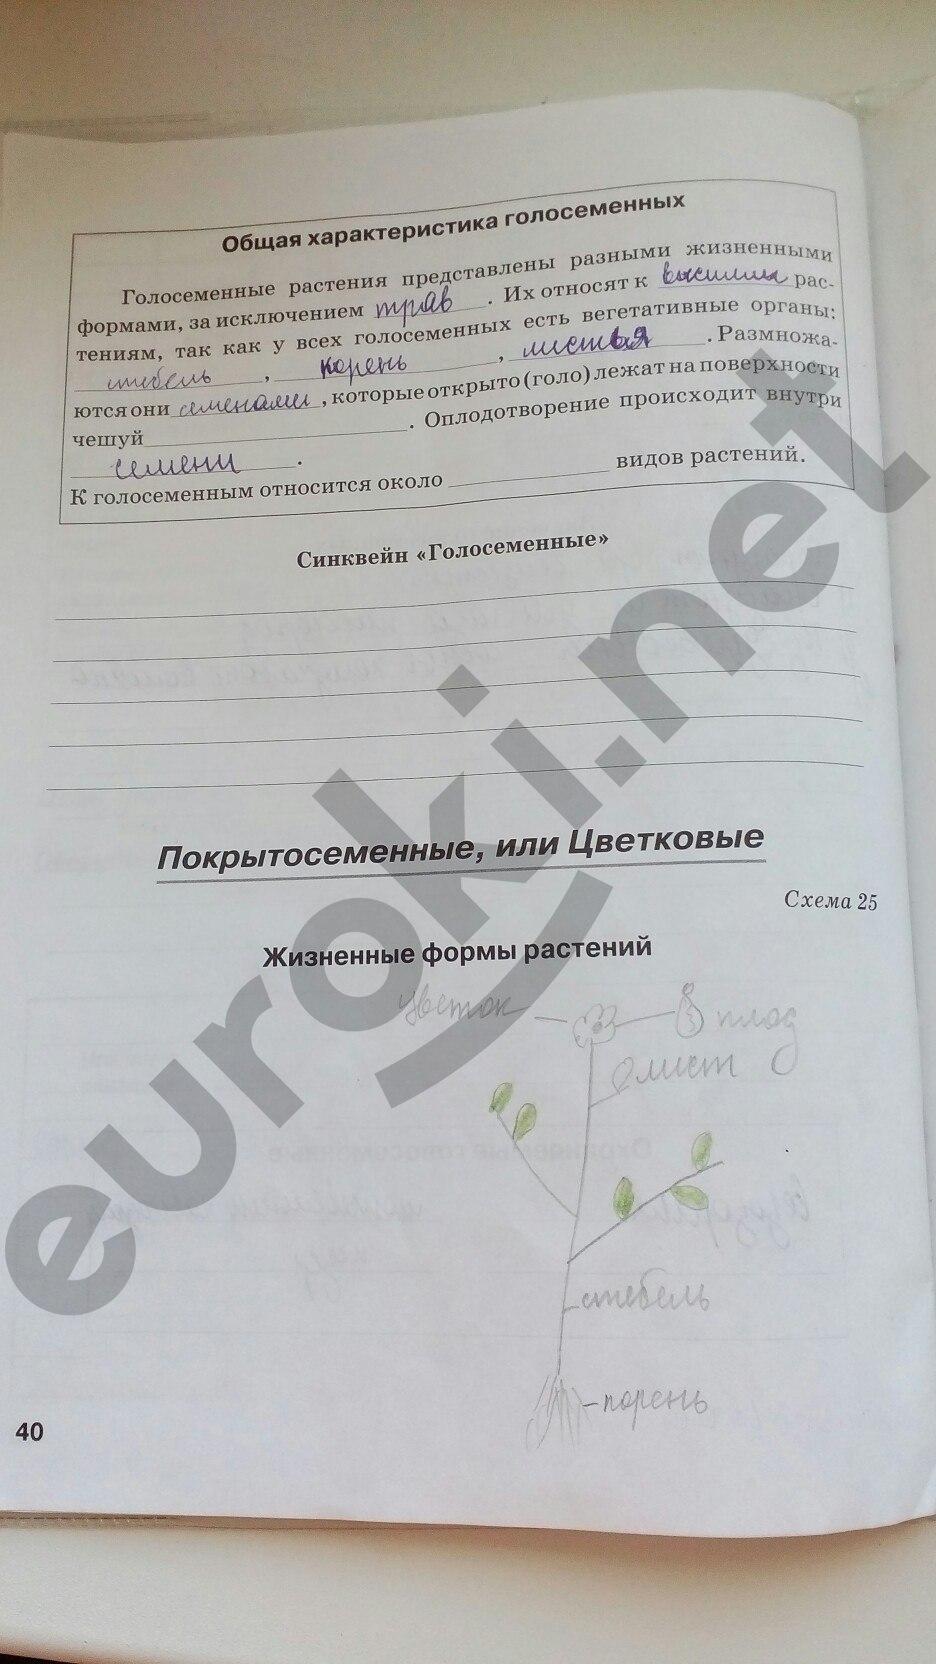 ГДЗ по биологии 5 класс рабочая тетрадь Бодрова. Задание: стр. 40